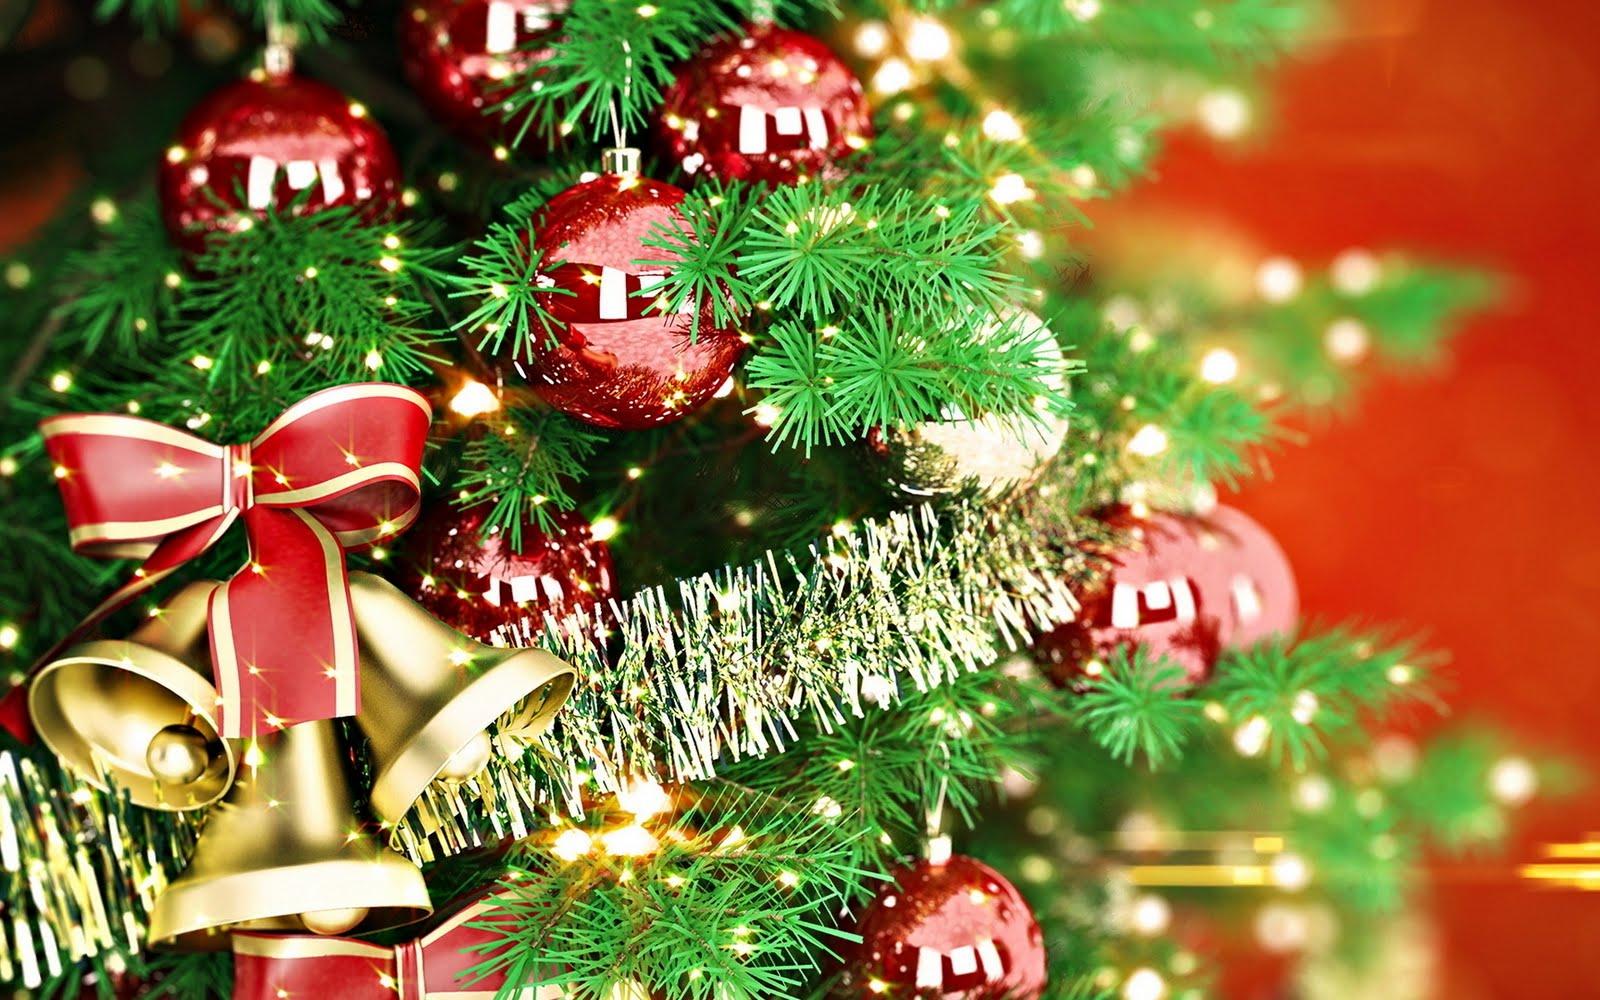 Bendici n del rbol navide o el salvador misionero - Arbol tipico de navidad ...